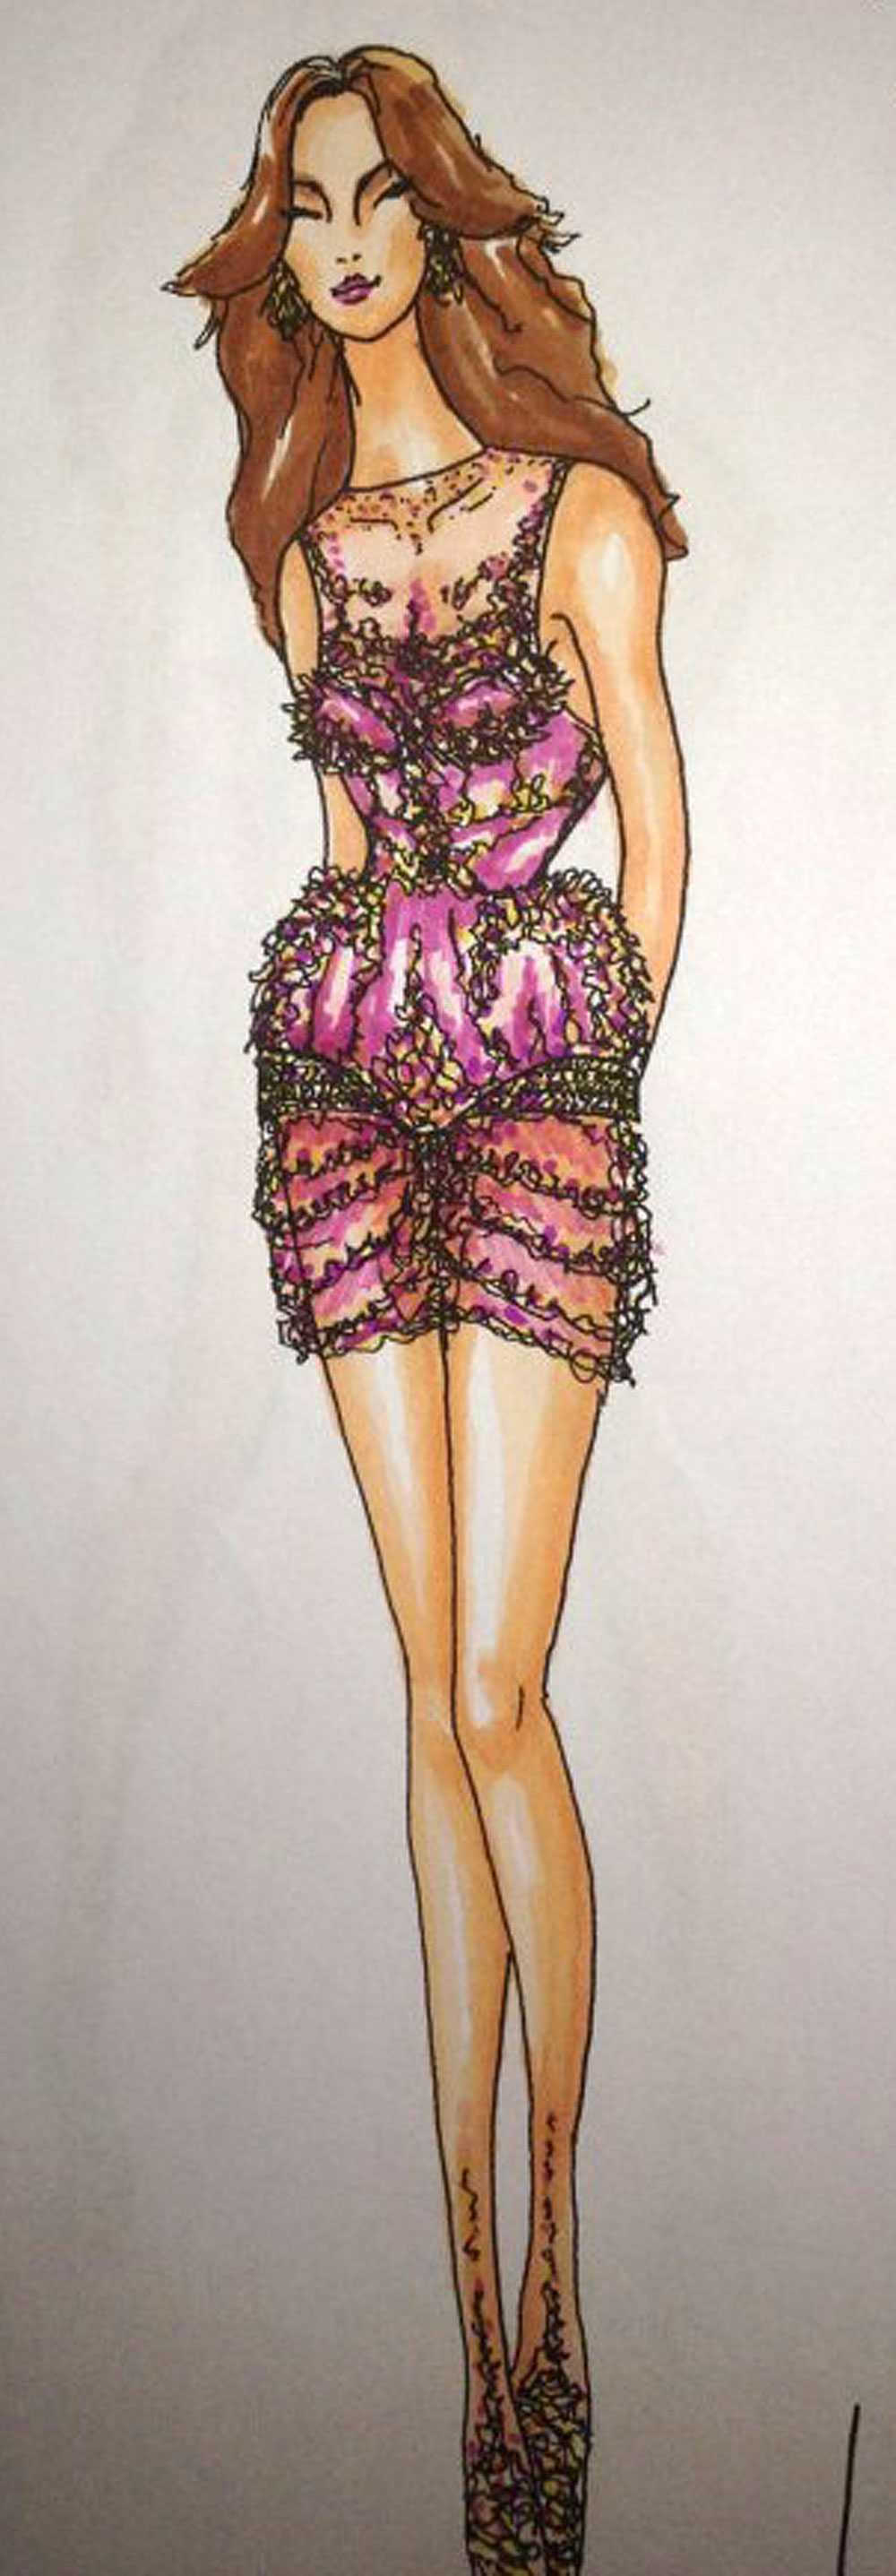 Perrelli kommer att vara klädd i en blingad klänning (bilden på skissen – hämtad från blogg.damernasvarld.se/charlotteperrelli).